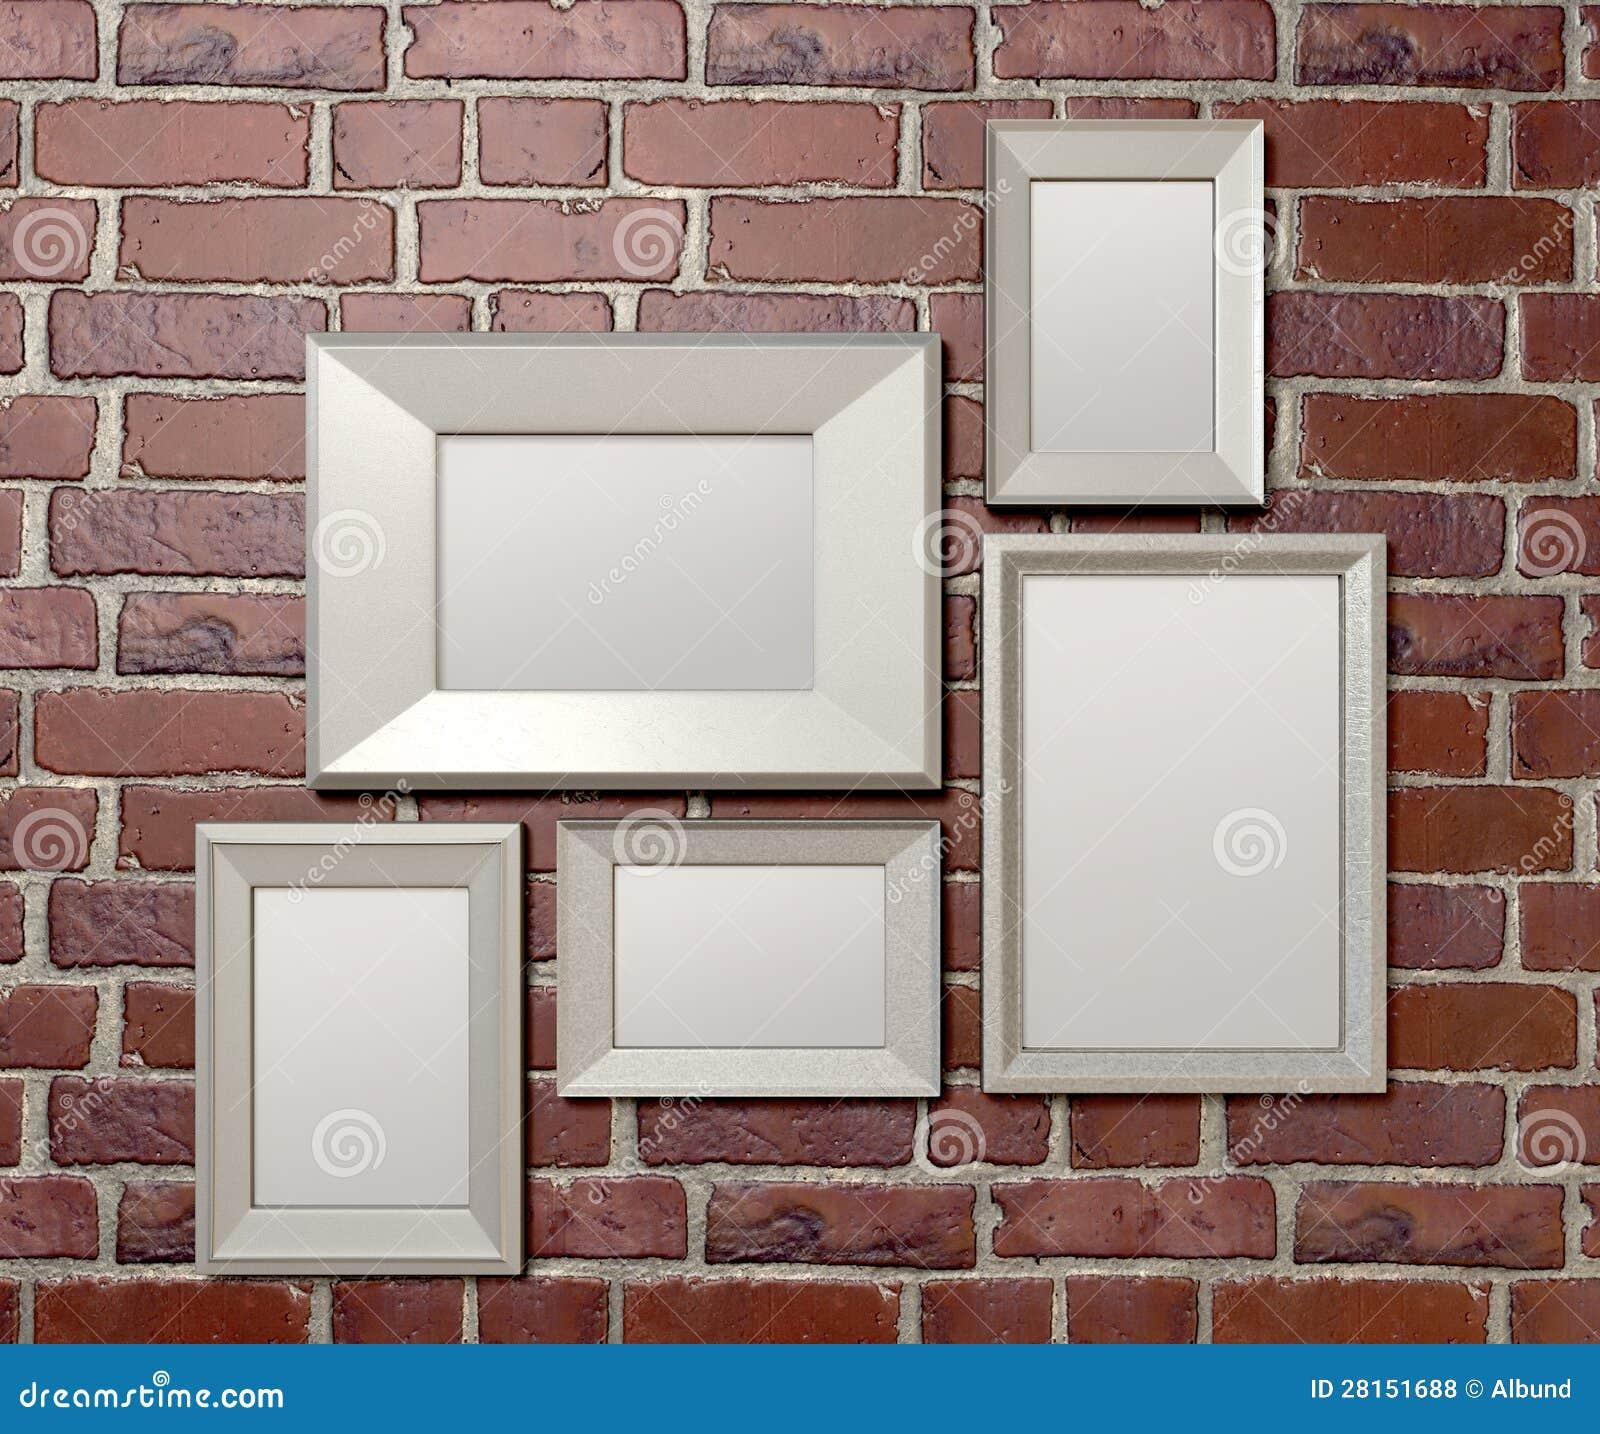 cadres de tableau blanc sur un avant de mur photos libres de droits image 28151688. Black Bedroom Furniture Sets. Home Design Ideas